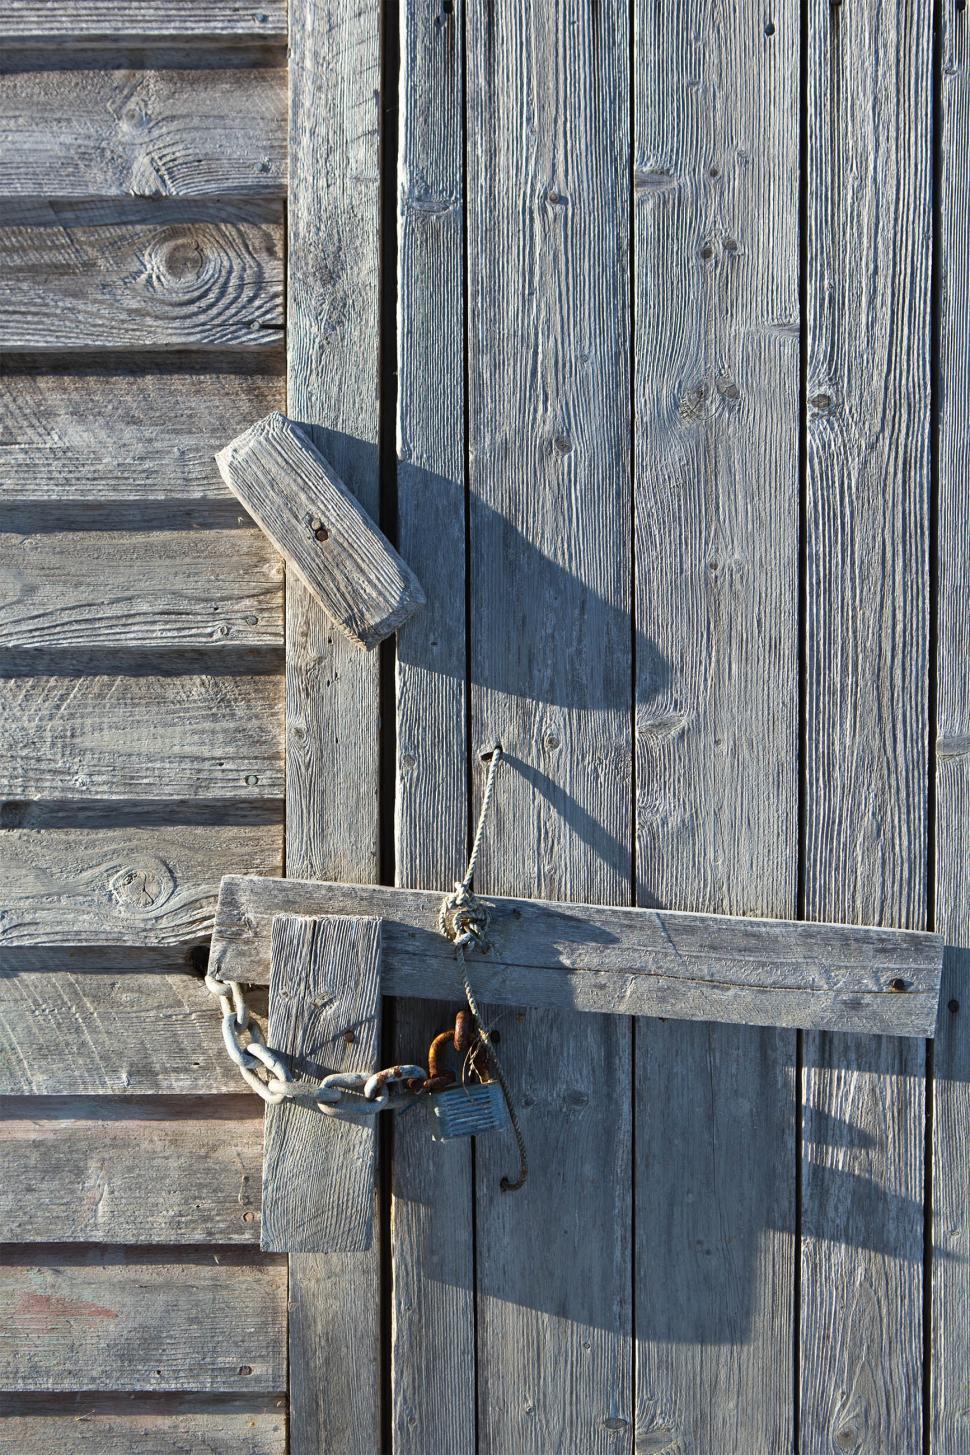 Download Free Stock HD Photo of Latch on Door Online